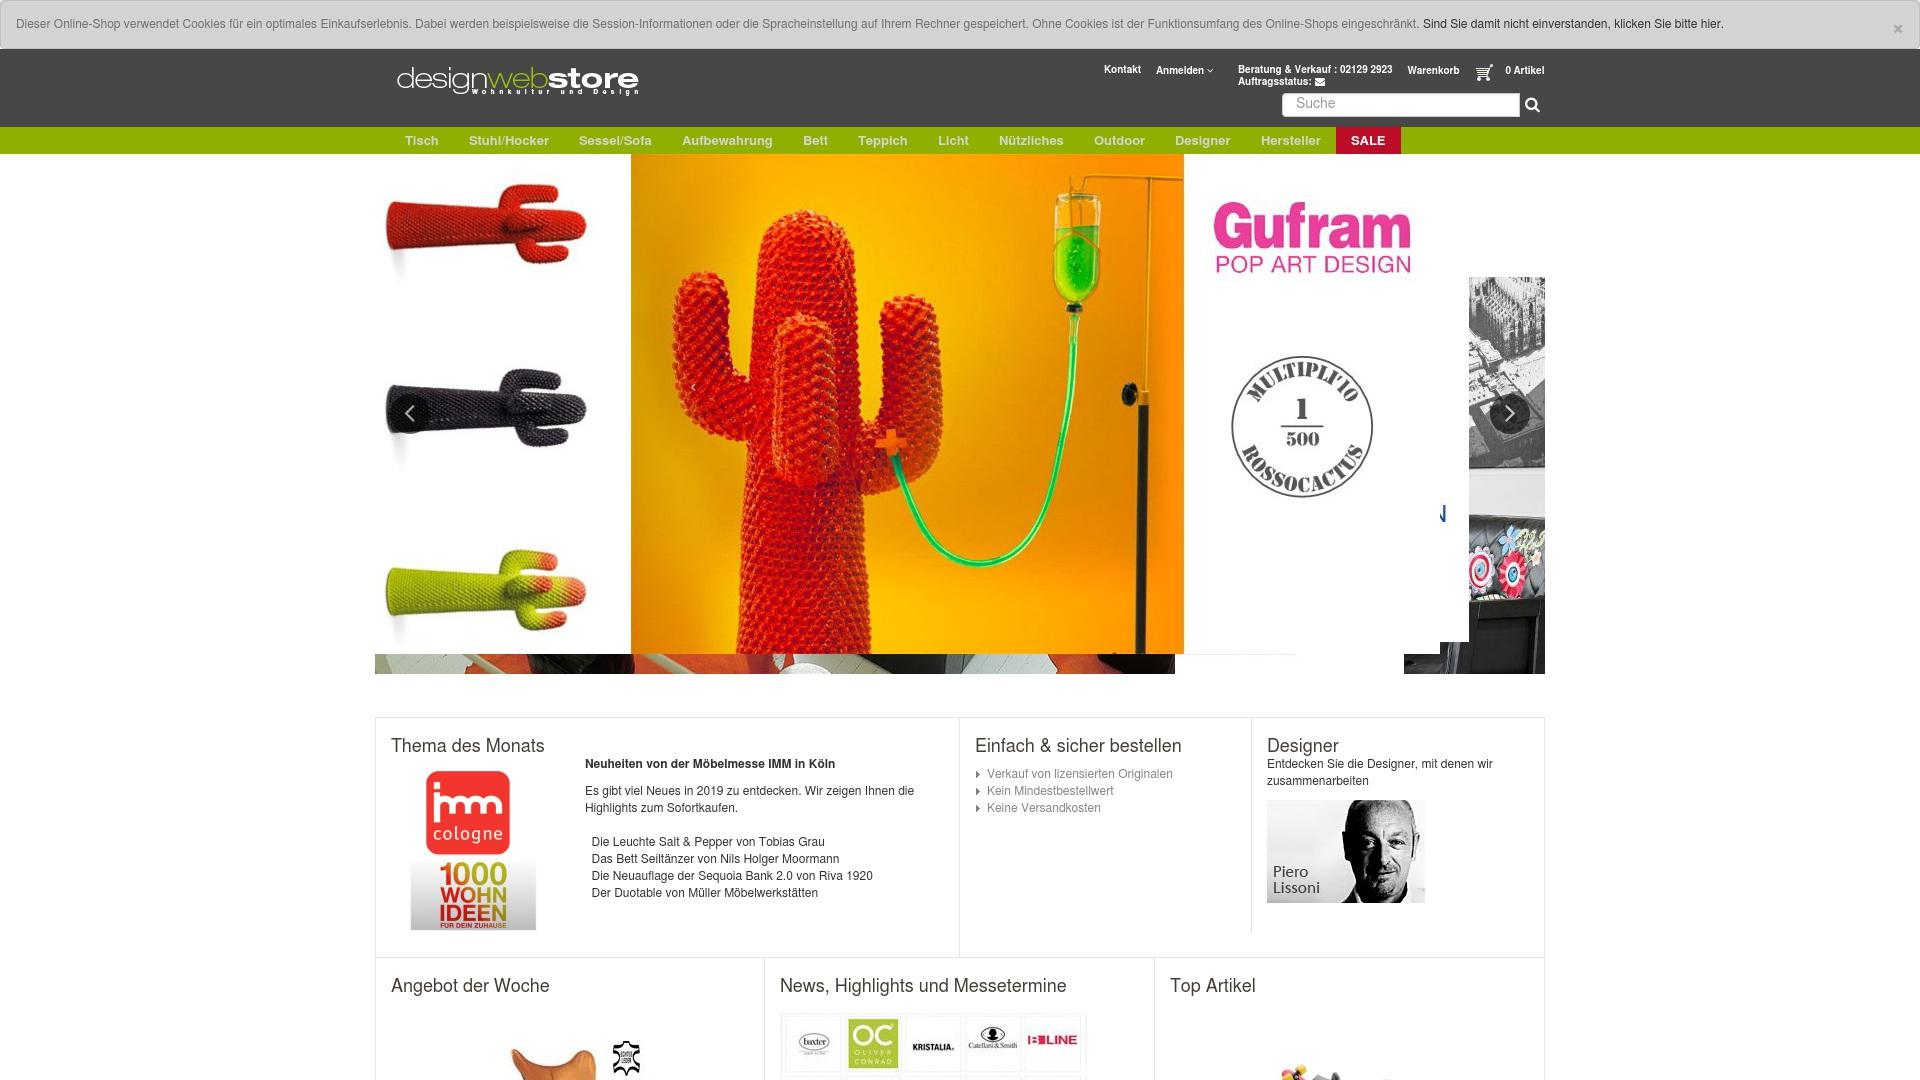 Gutschein für Designwebstore: Rabatte für  Designwebstore sichern